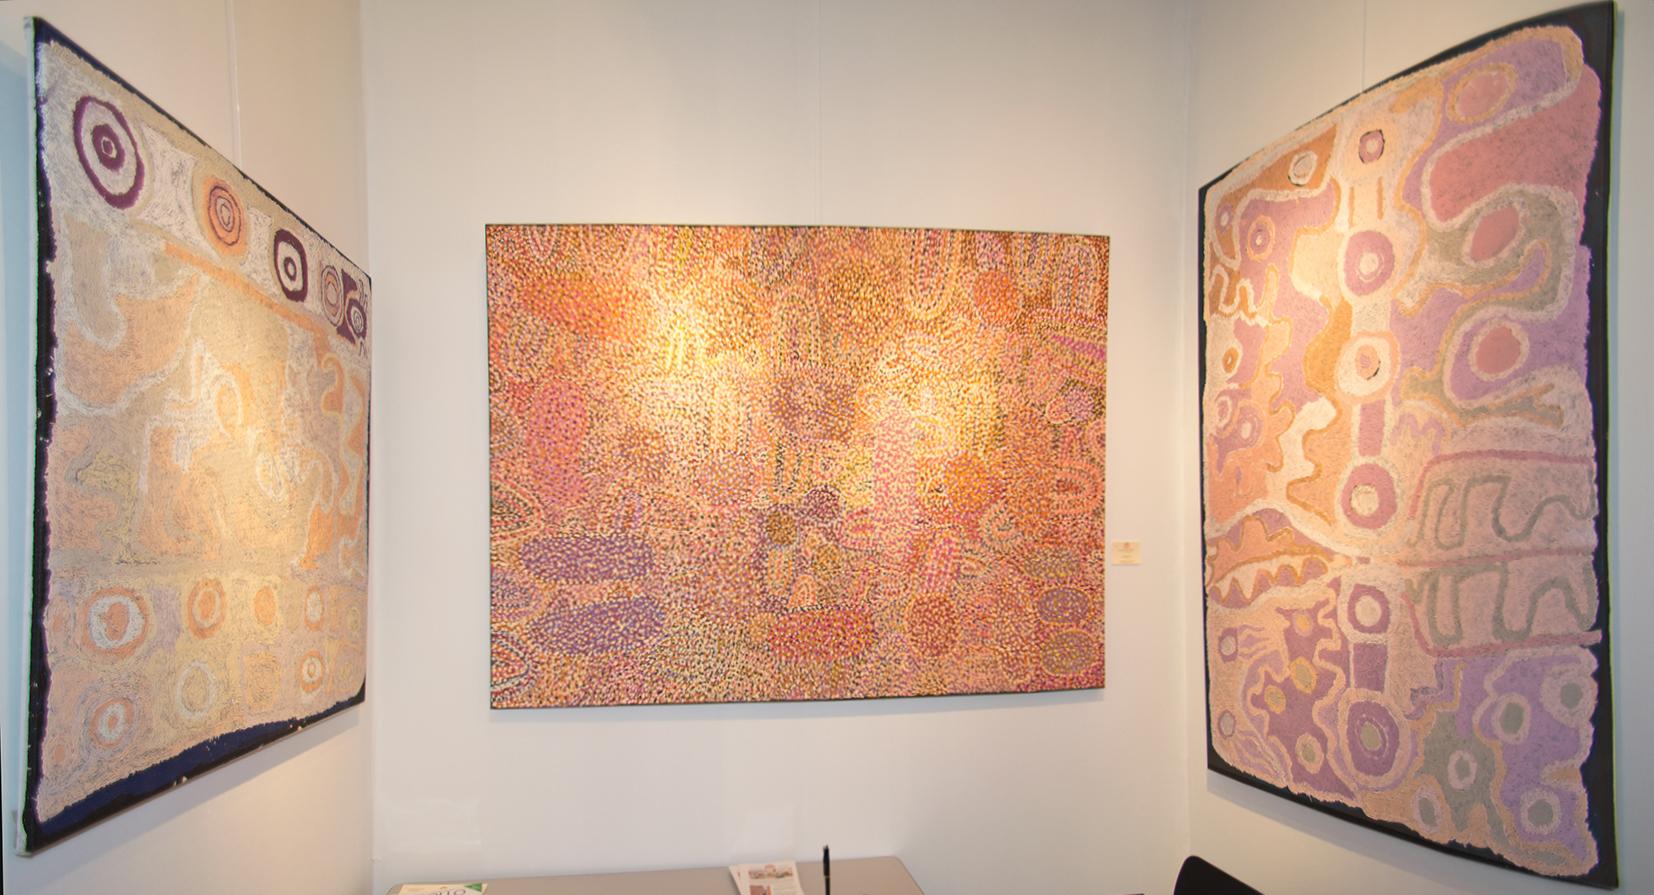 A droite et à gauche, se faisant face, l'artiste Aborigène d'Australie, Angkaliya Curtis dans deux œuvres aux tons pastels autour de la mythologie du rêve des sept sœurs. Au centre une toile de l'artiste Ngupulya Pumani Margaret du centre d'art de Mimili Maku où les signes évoqués s'évanouissent derrière un pointillisme de circonstance pour atténuer la portée d'éléments sensibles.